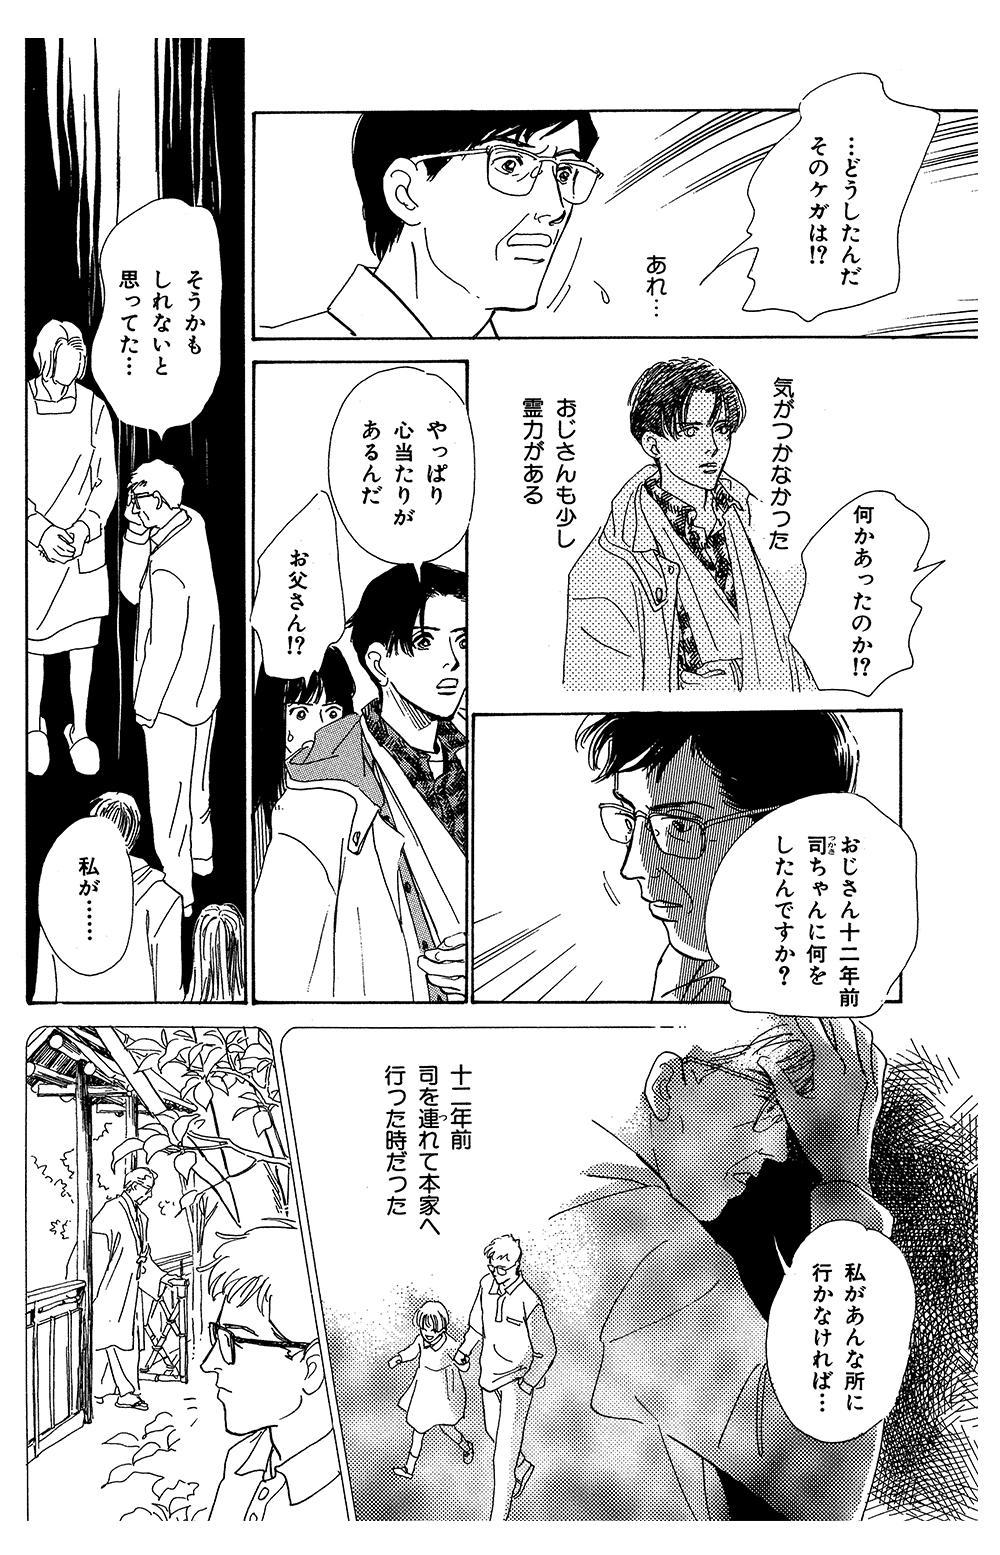 百鬼夜行抄 第1話「闇からの呼び声」④hyakki1-4-11.jpg